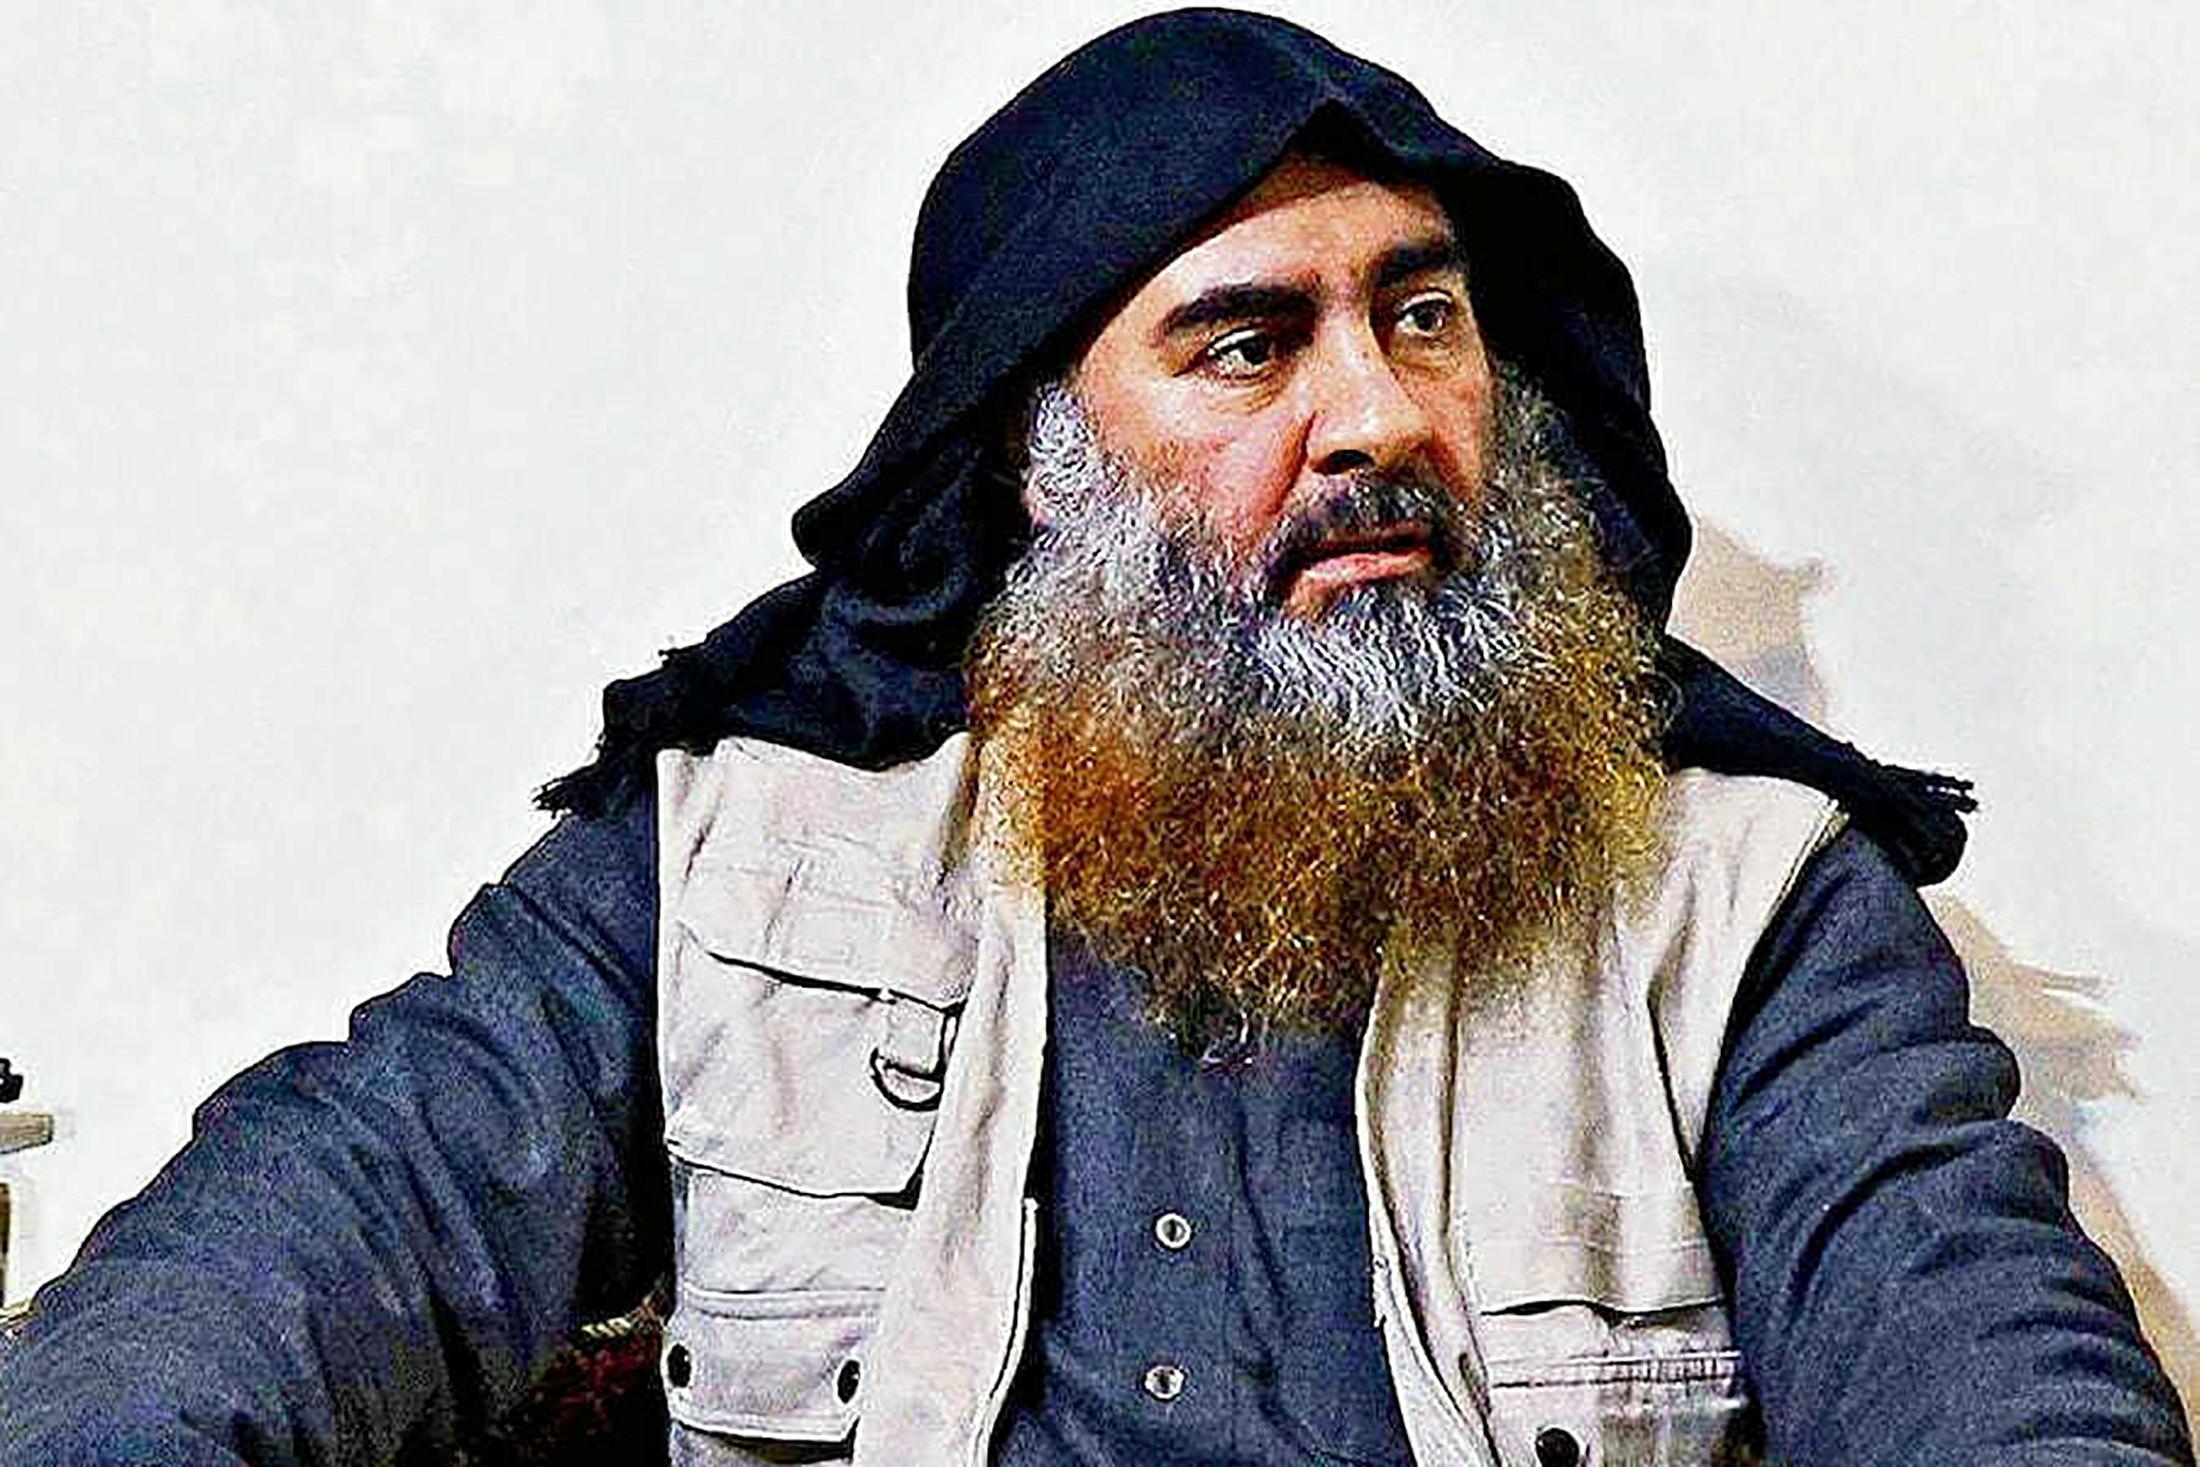 Daech confirme la mort de son chef Abou Bakr al-Baghdadi et désigne son successeur – Le Figaro